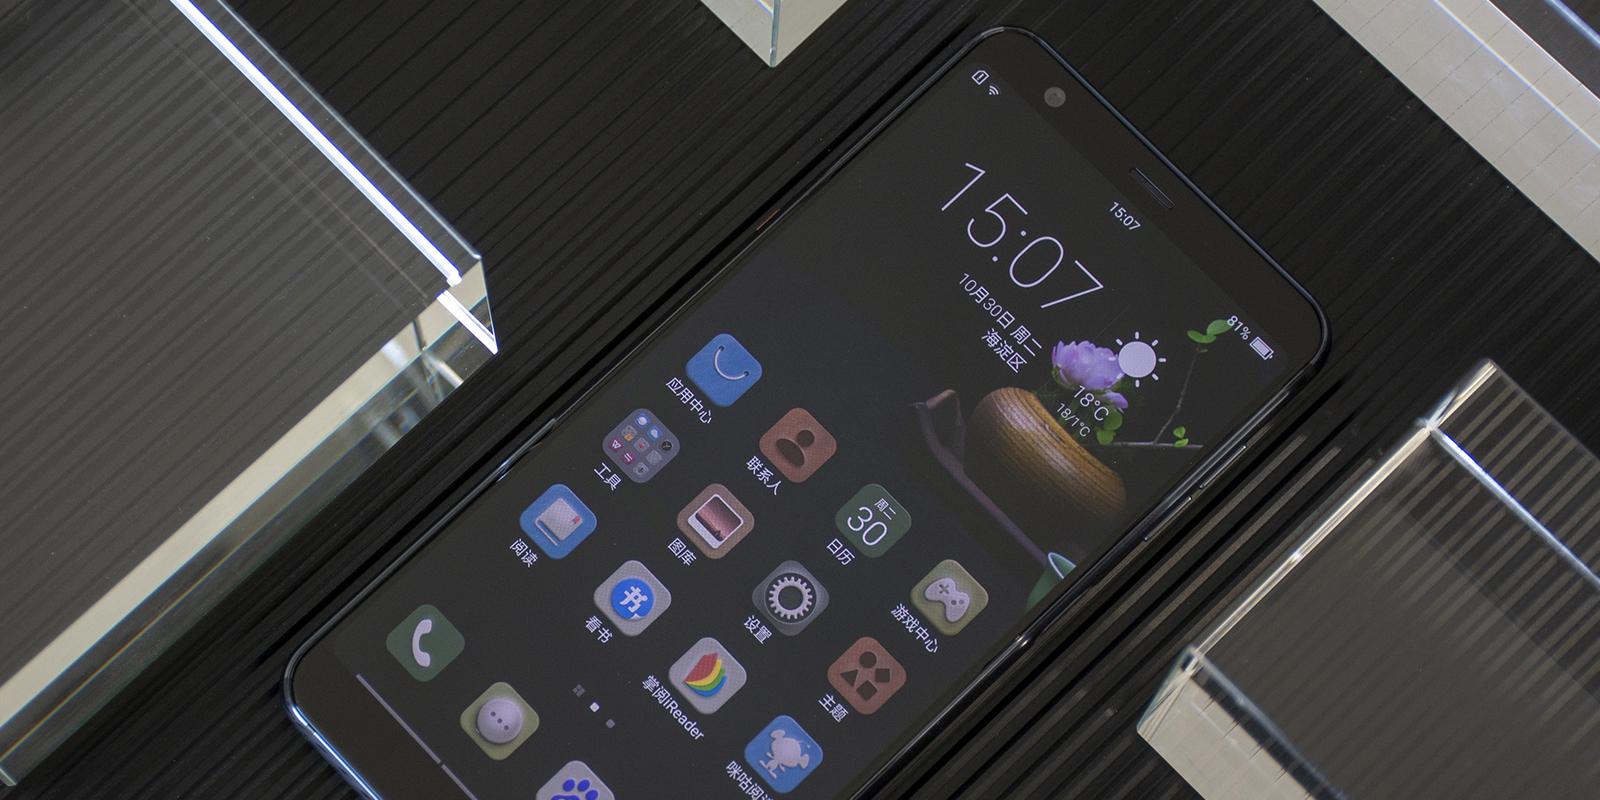 双面屏幕双重享受 海信双屏手机A6双屏解析